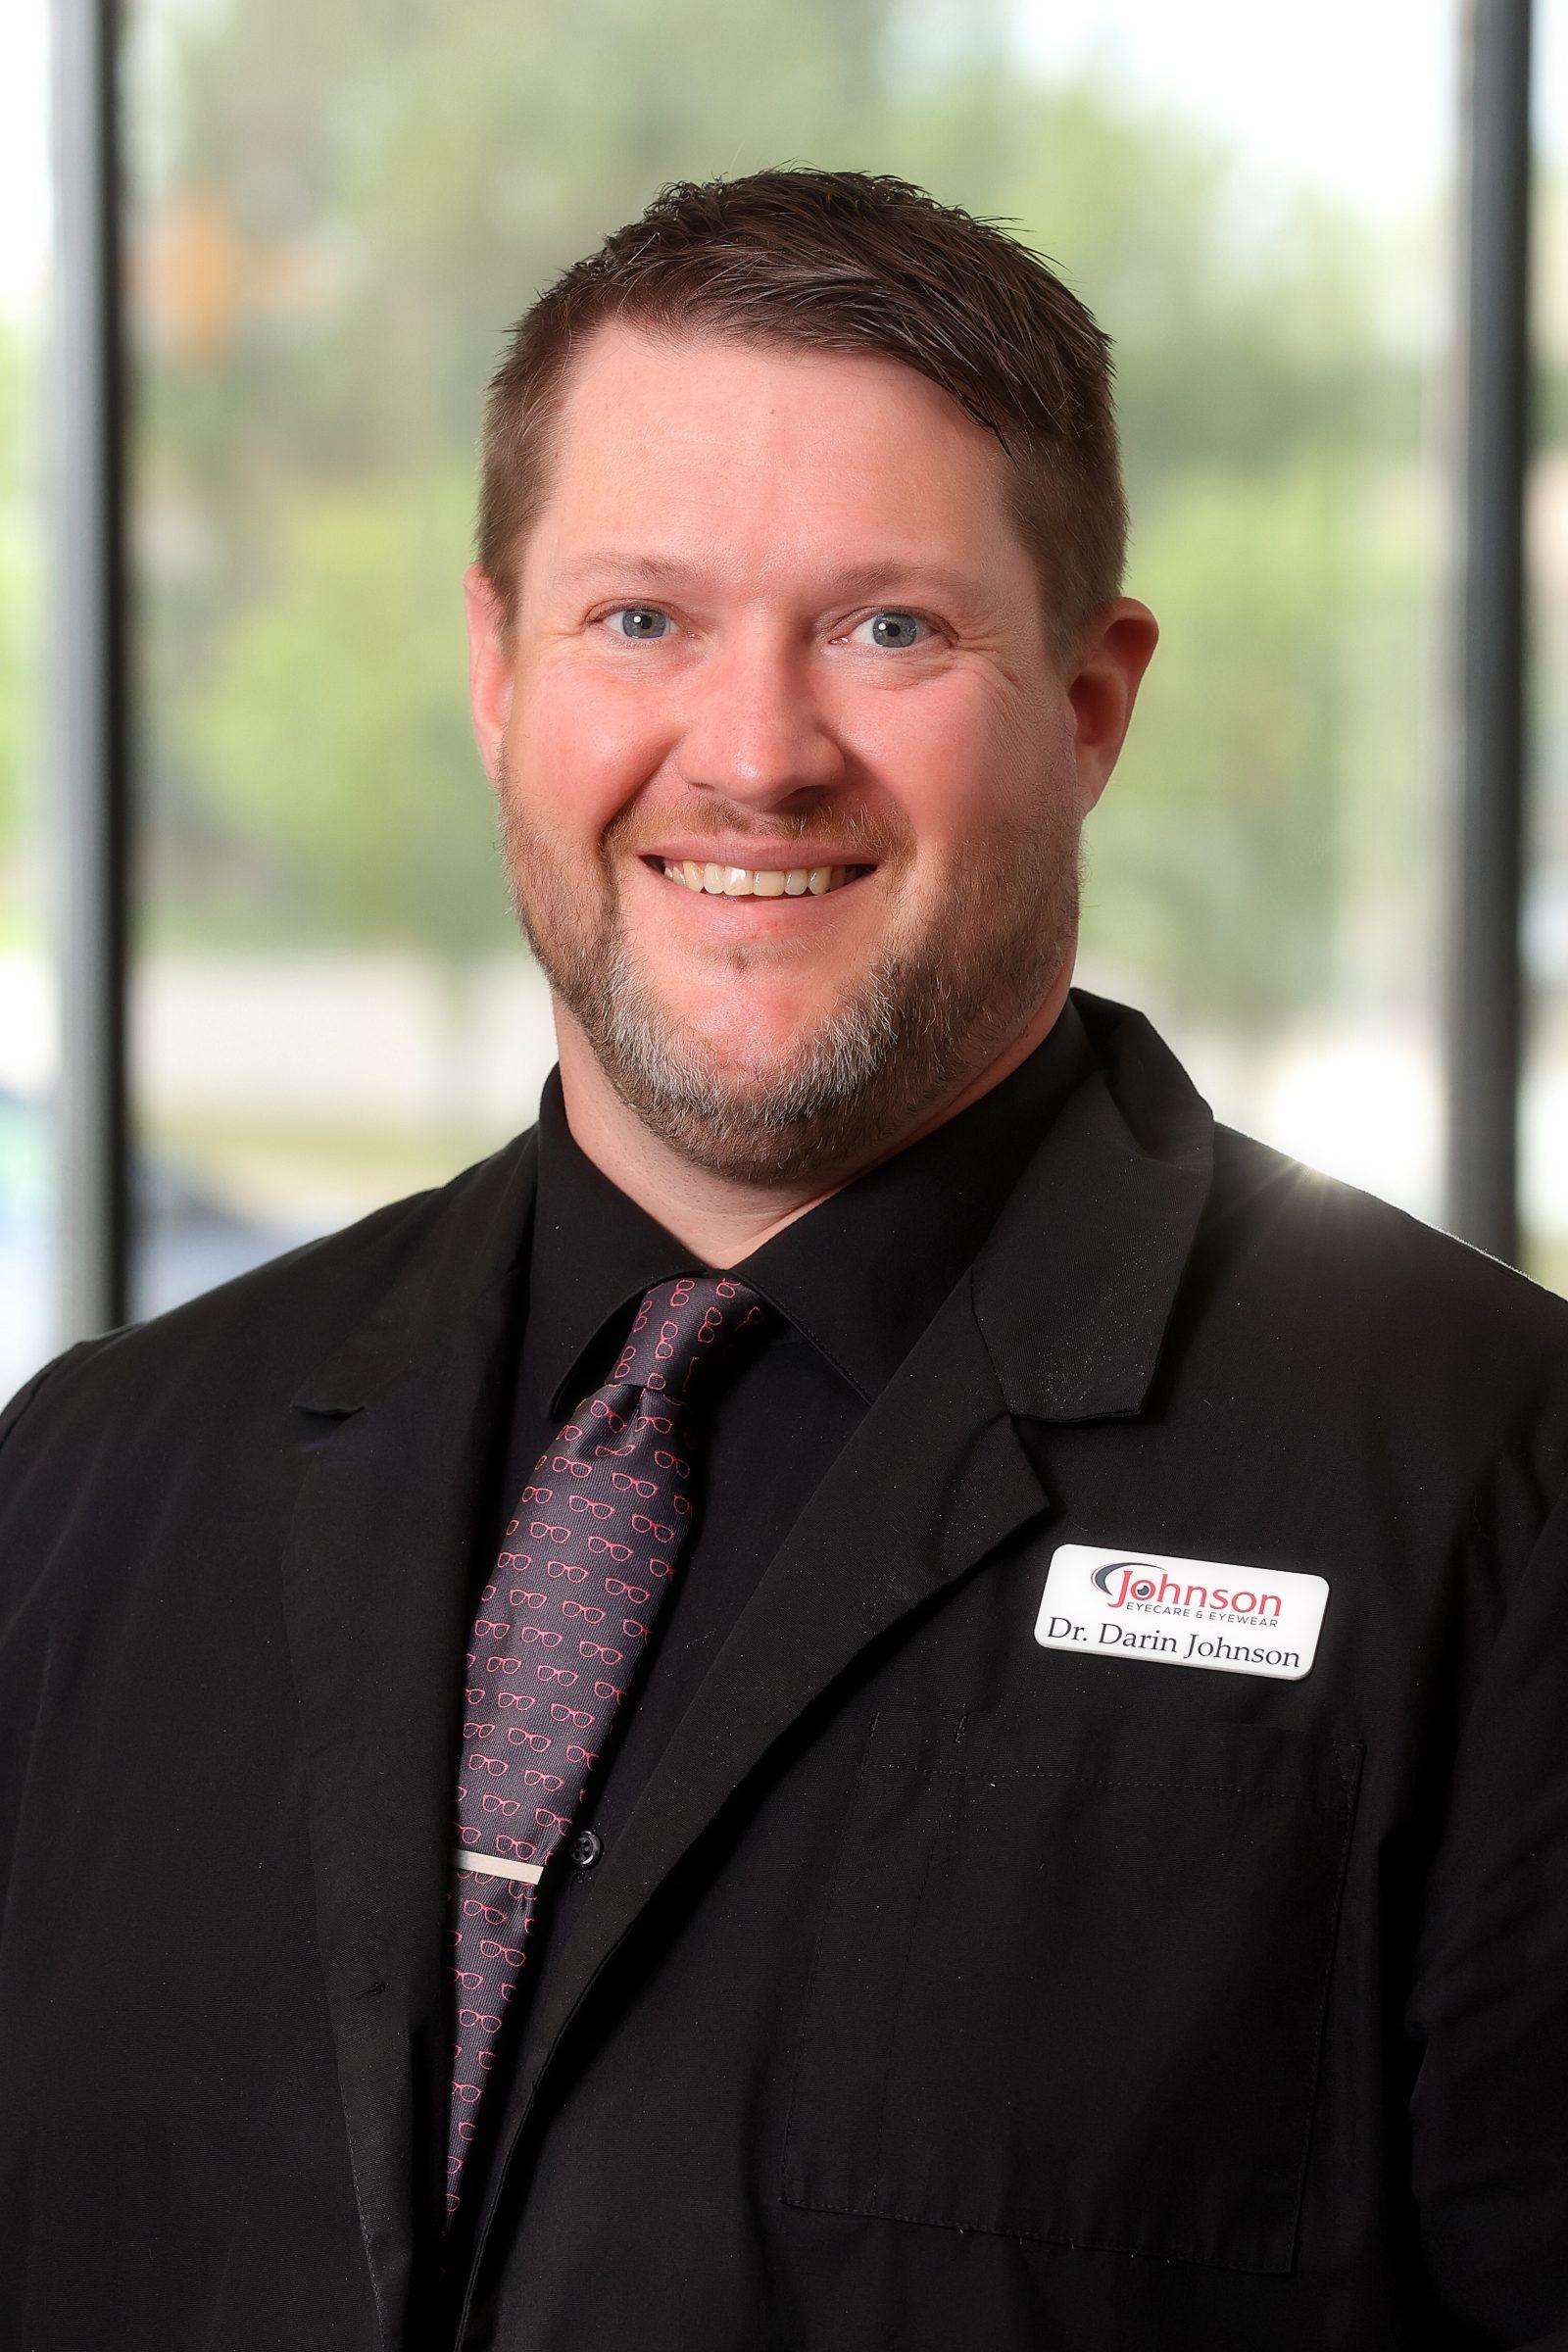 Dr. Darin Johnson